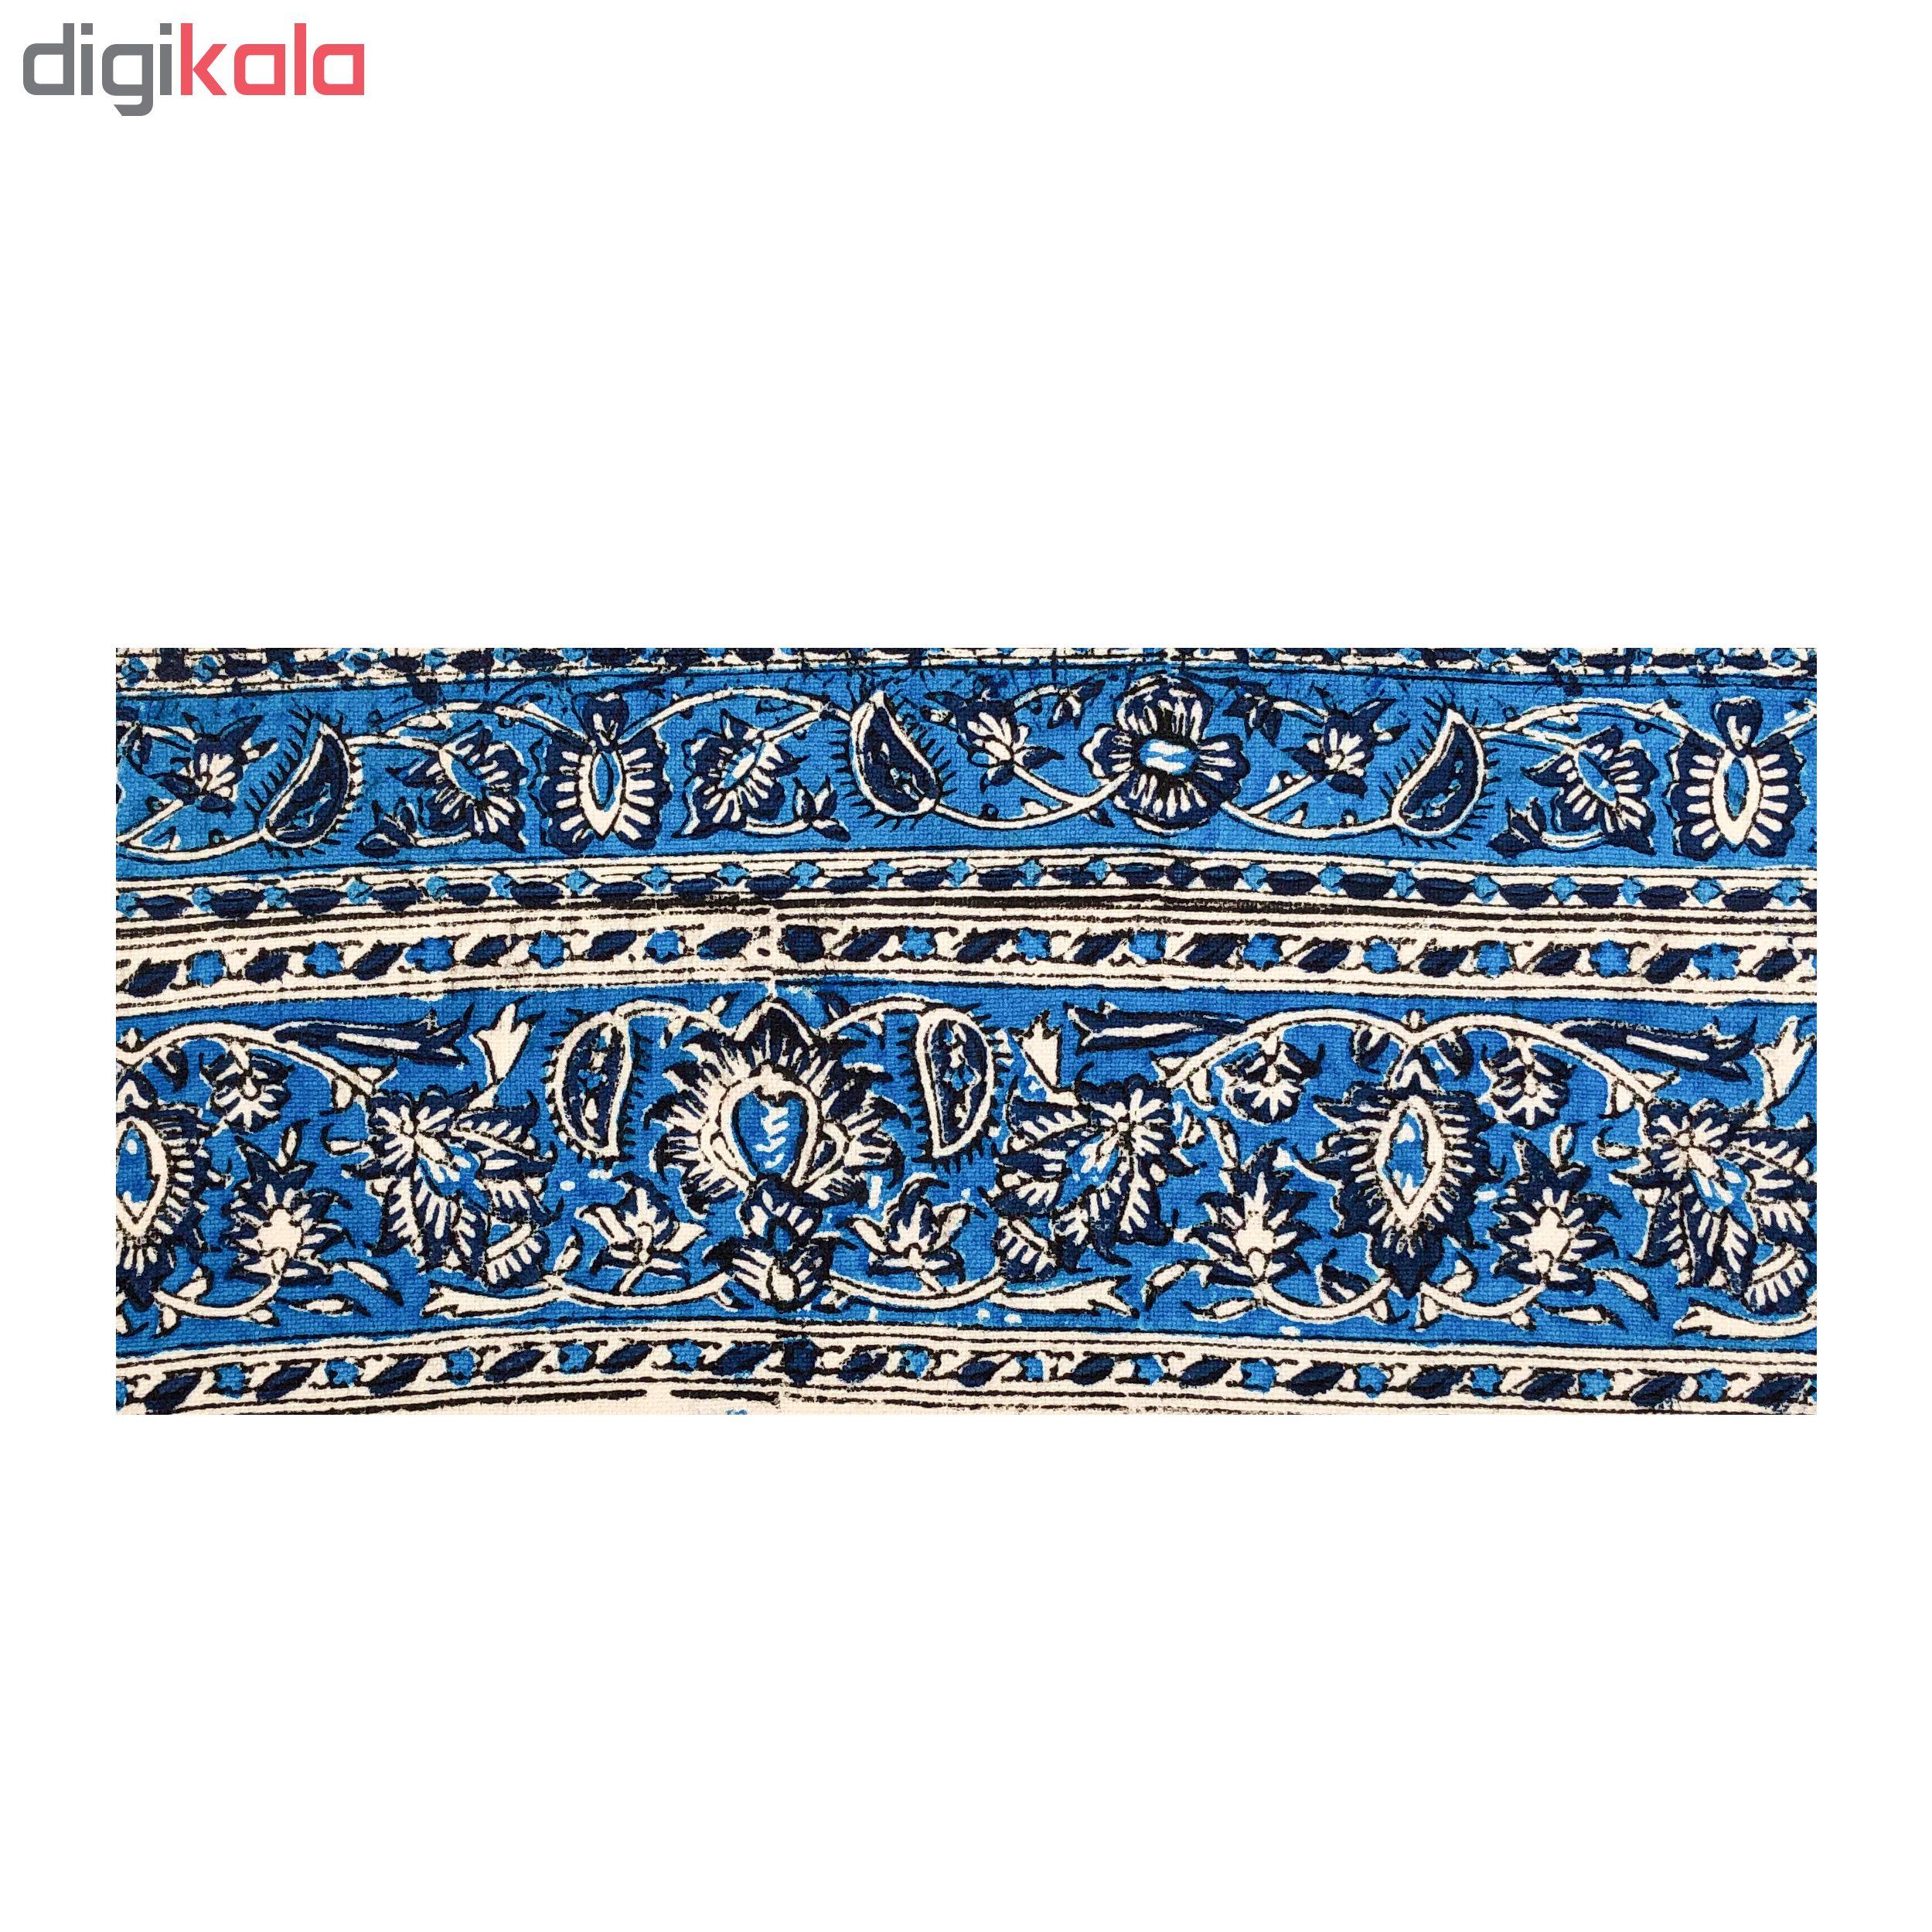 خرید                      رومیزی قلمكار ممتاز اصفهان اثر عطريان طرح درهم بادامي مدل G55 سايز 120*60 سانتي متر